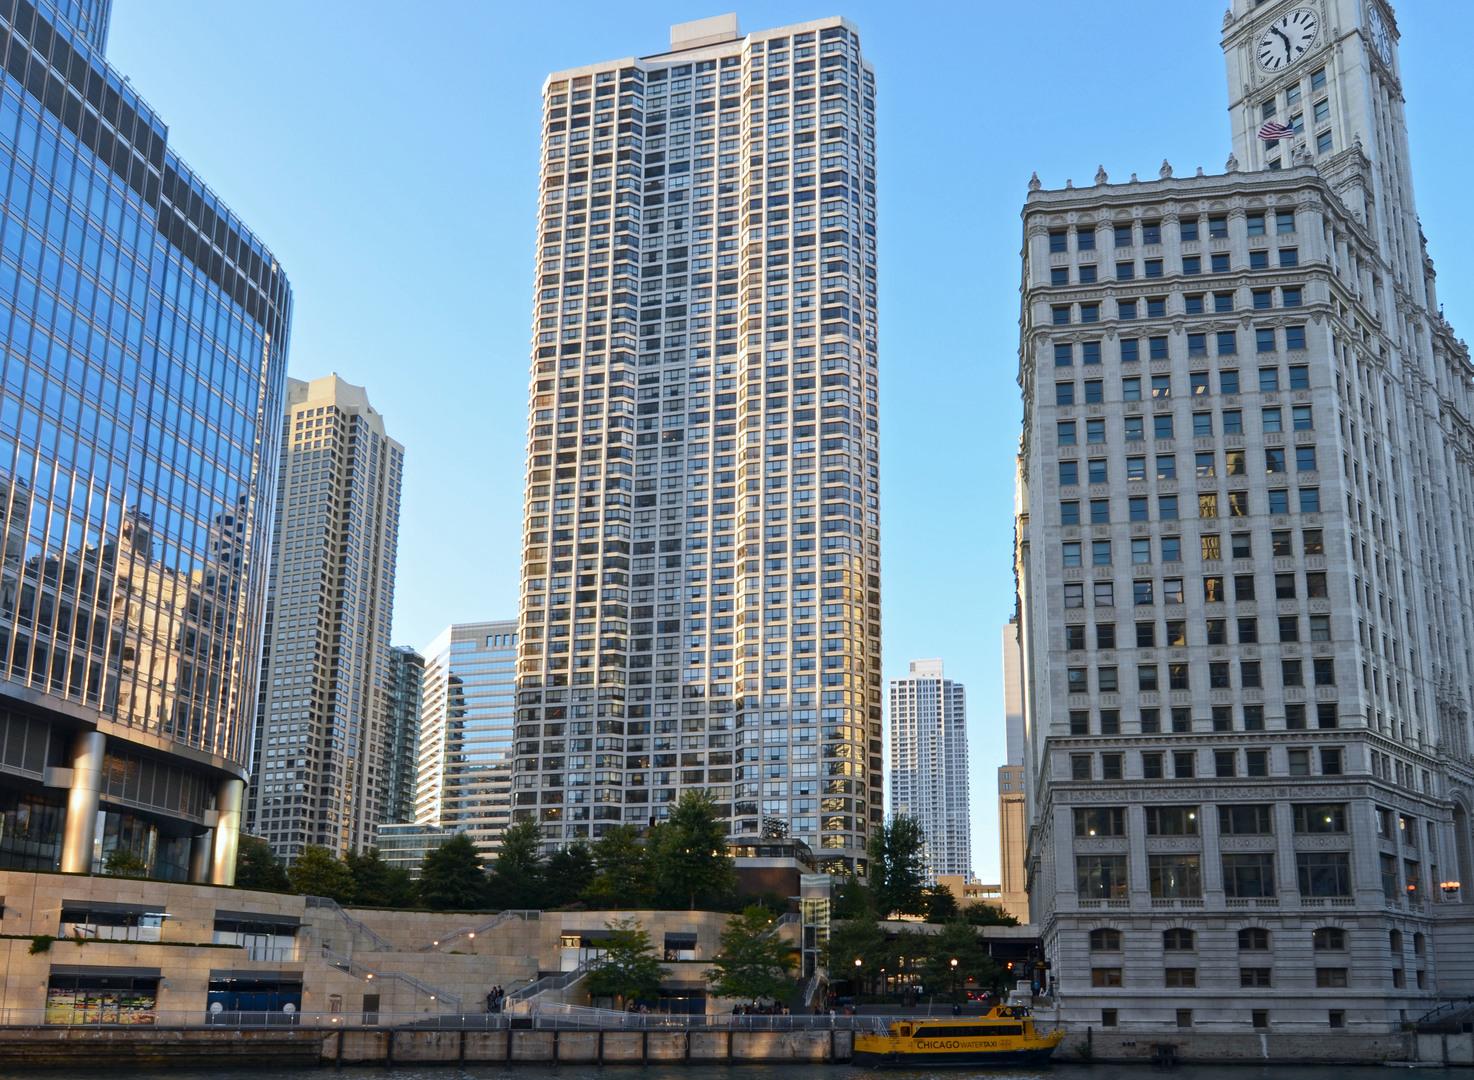 405 NORTH WABASH AVENUE #4604, CHICAGO, IL 60611